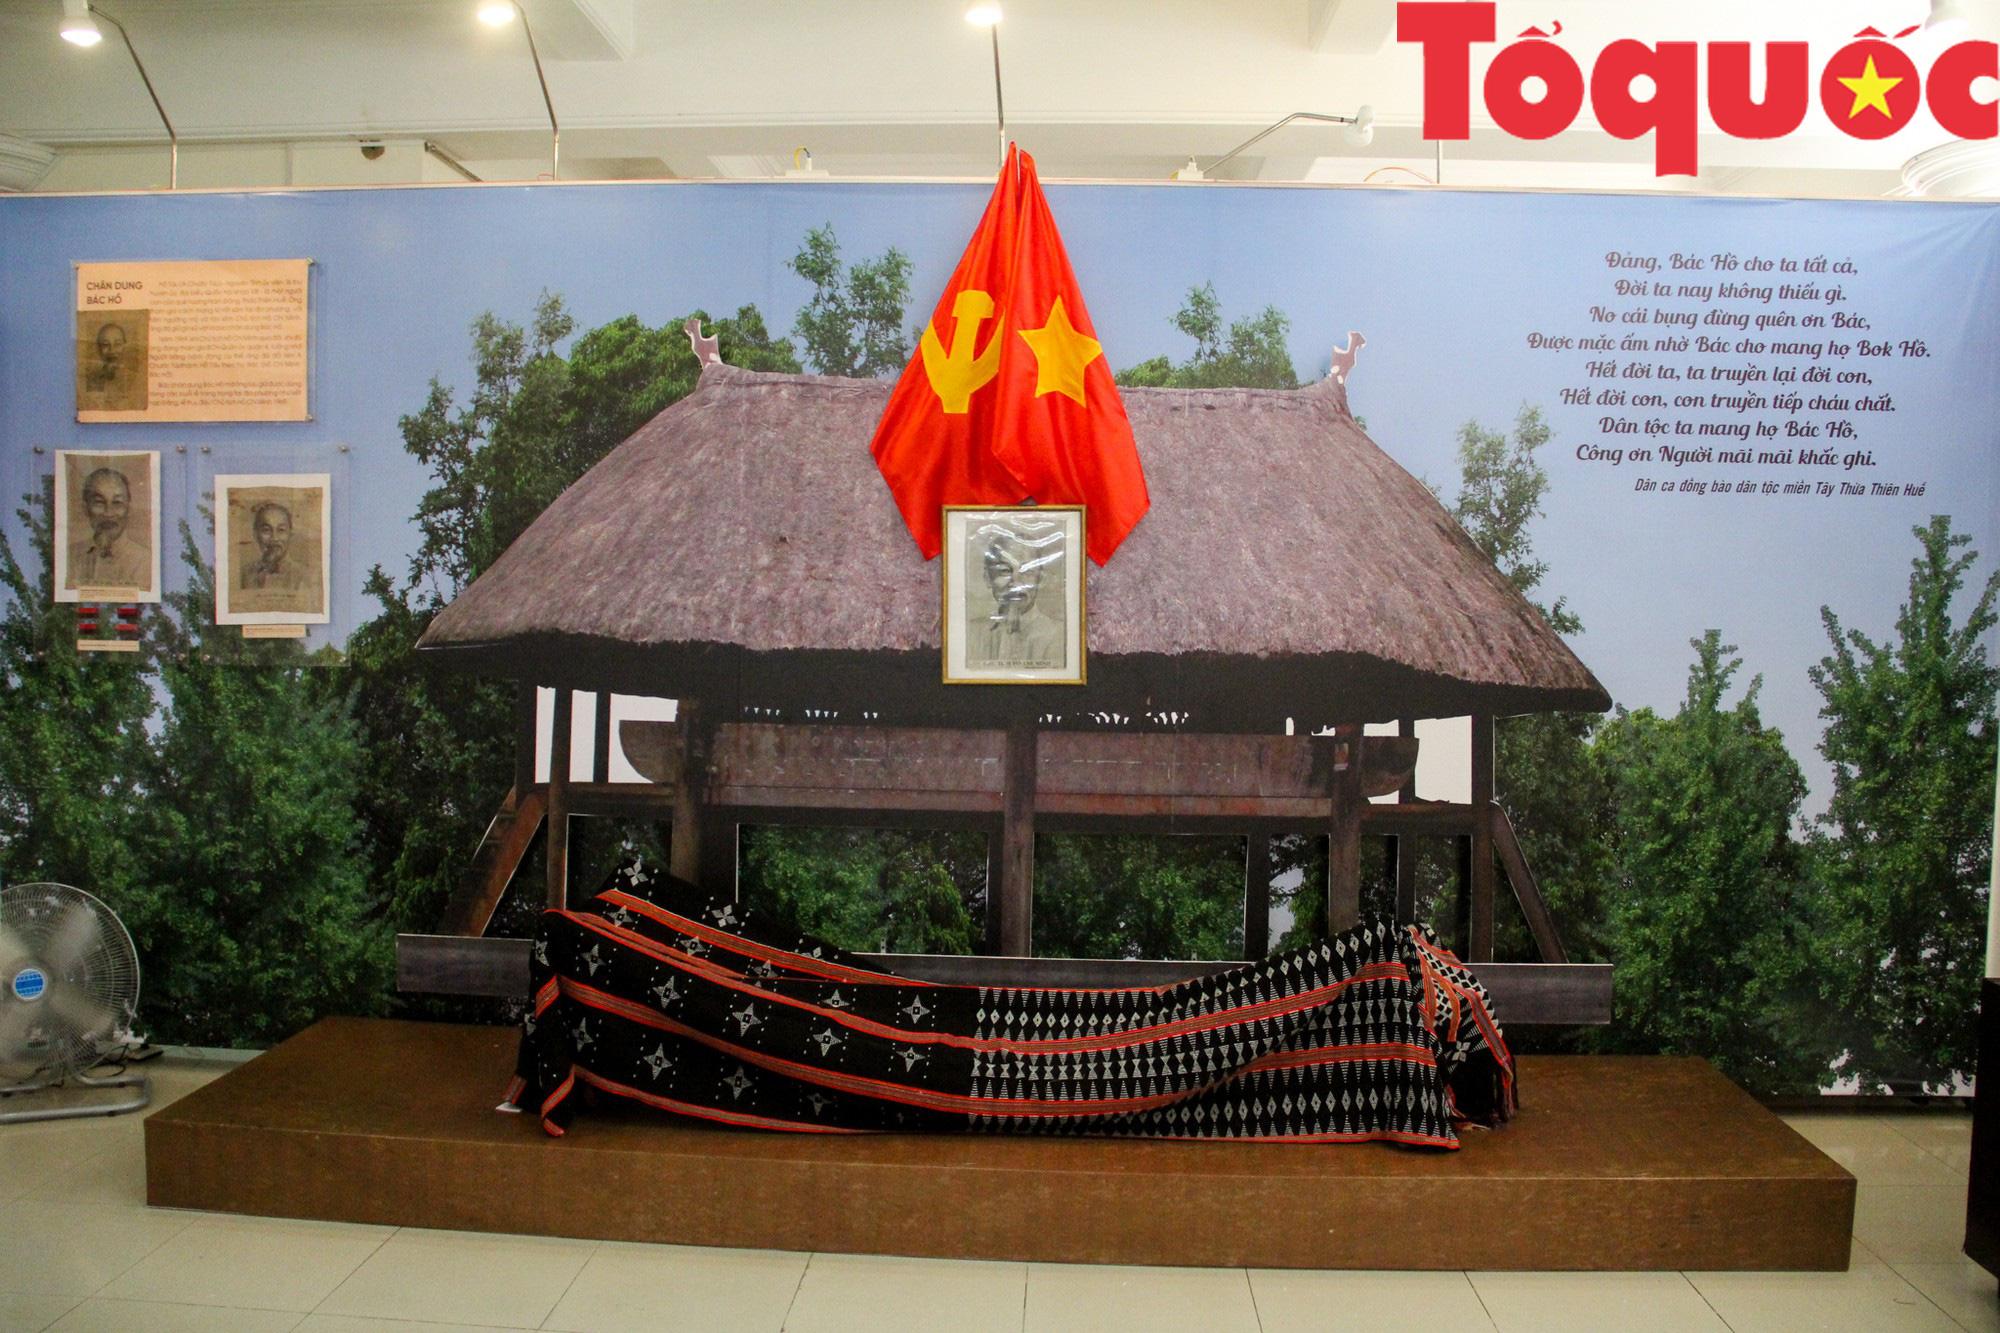 Triển lãm 250 hình ảnh, hiện vật Họ Hồ ở miền Tây Thừa Thiên Huế - Ảnh 1.